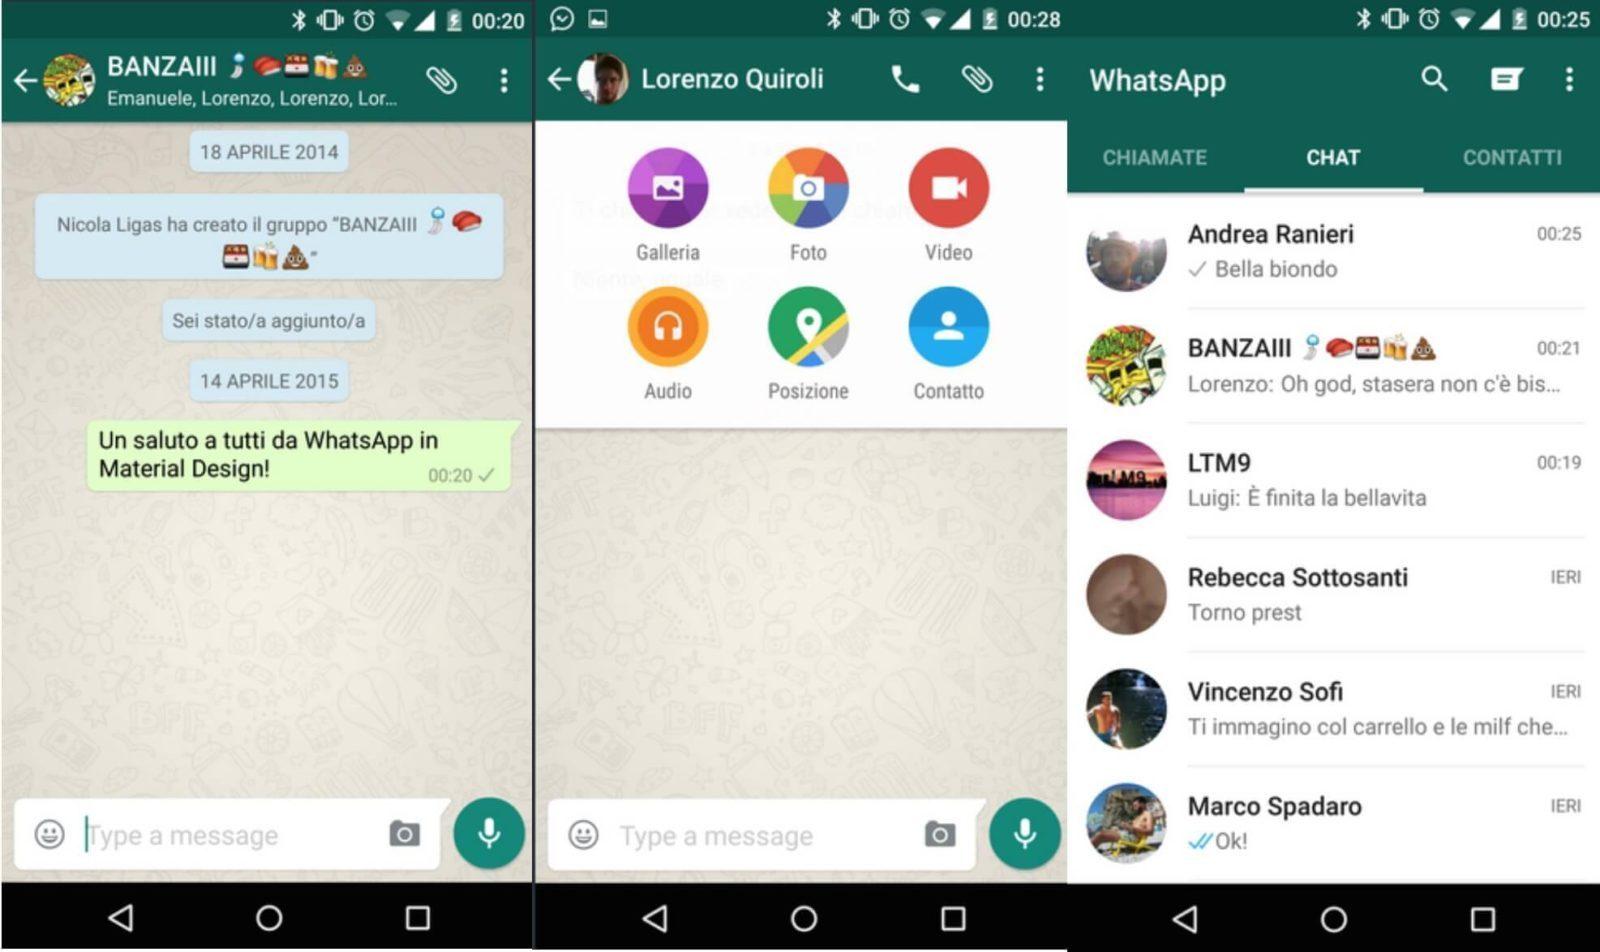 Whatsapp güncellendi ve tasarımı değişti! 1